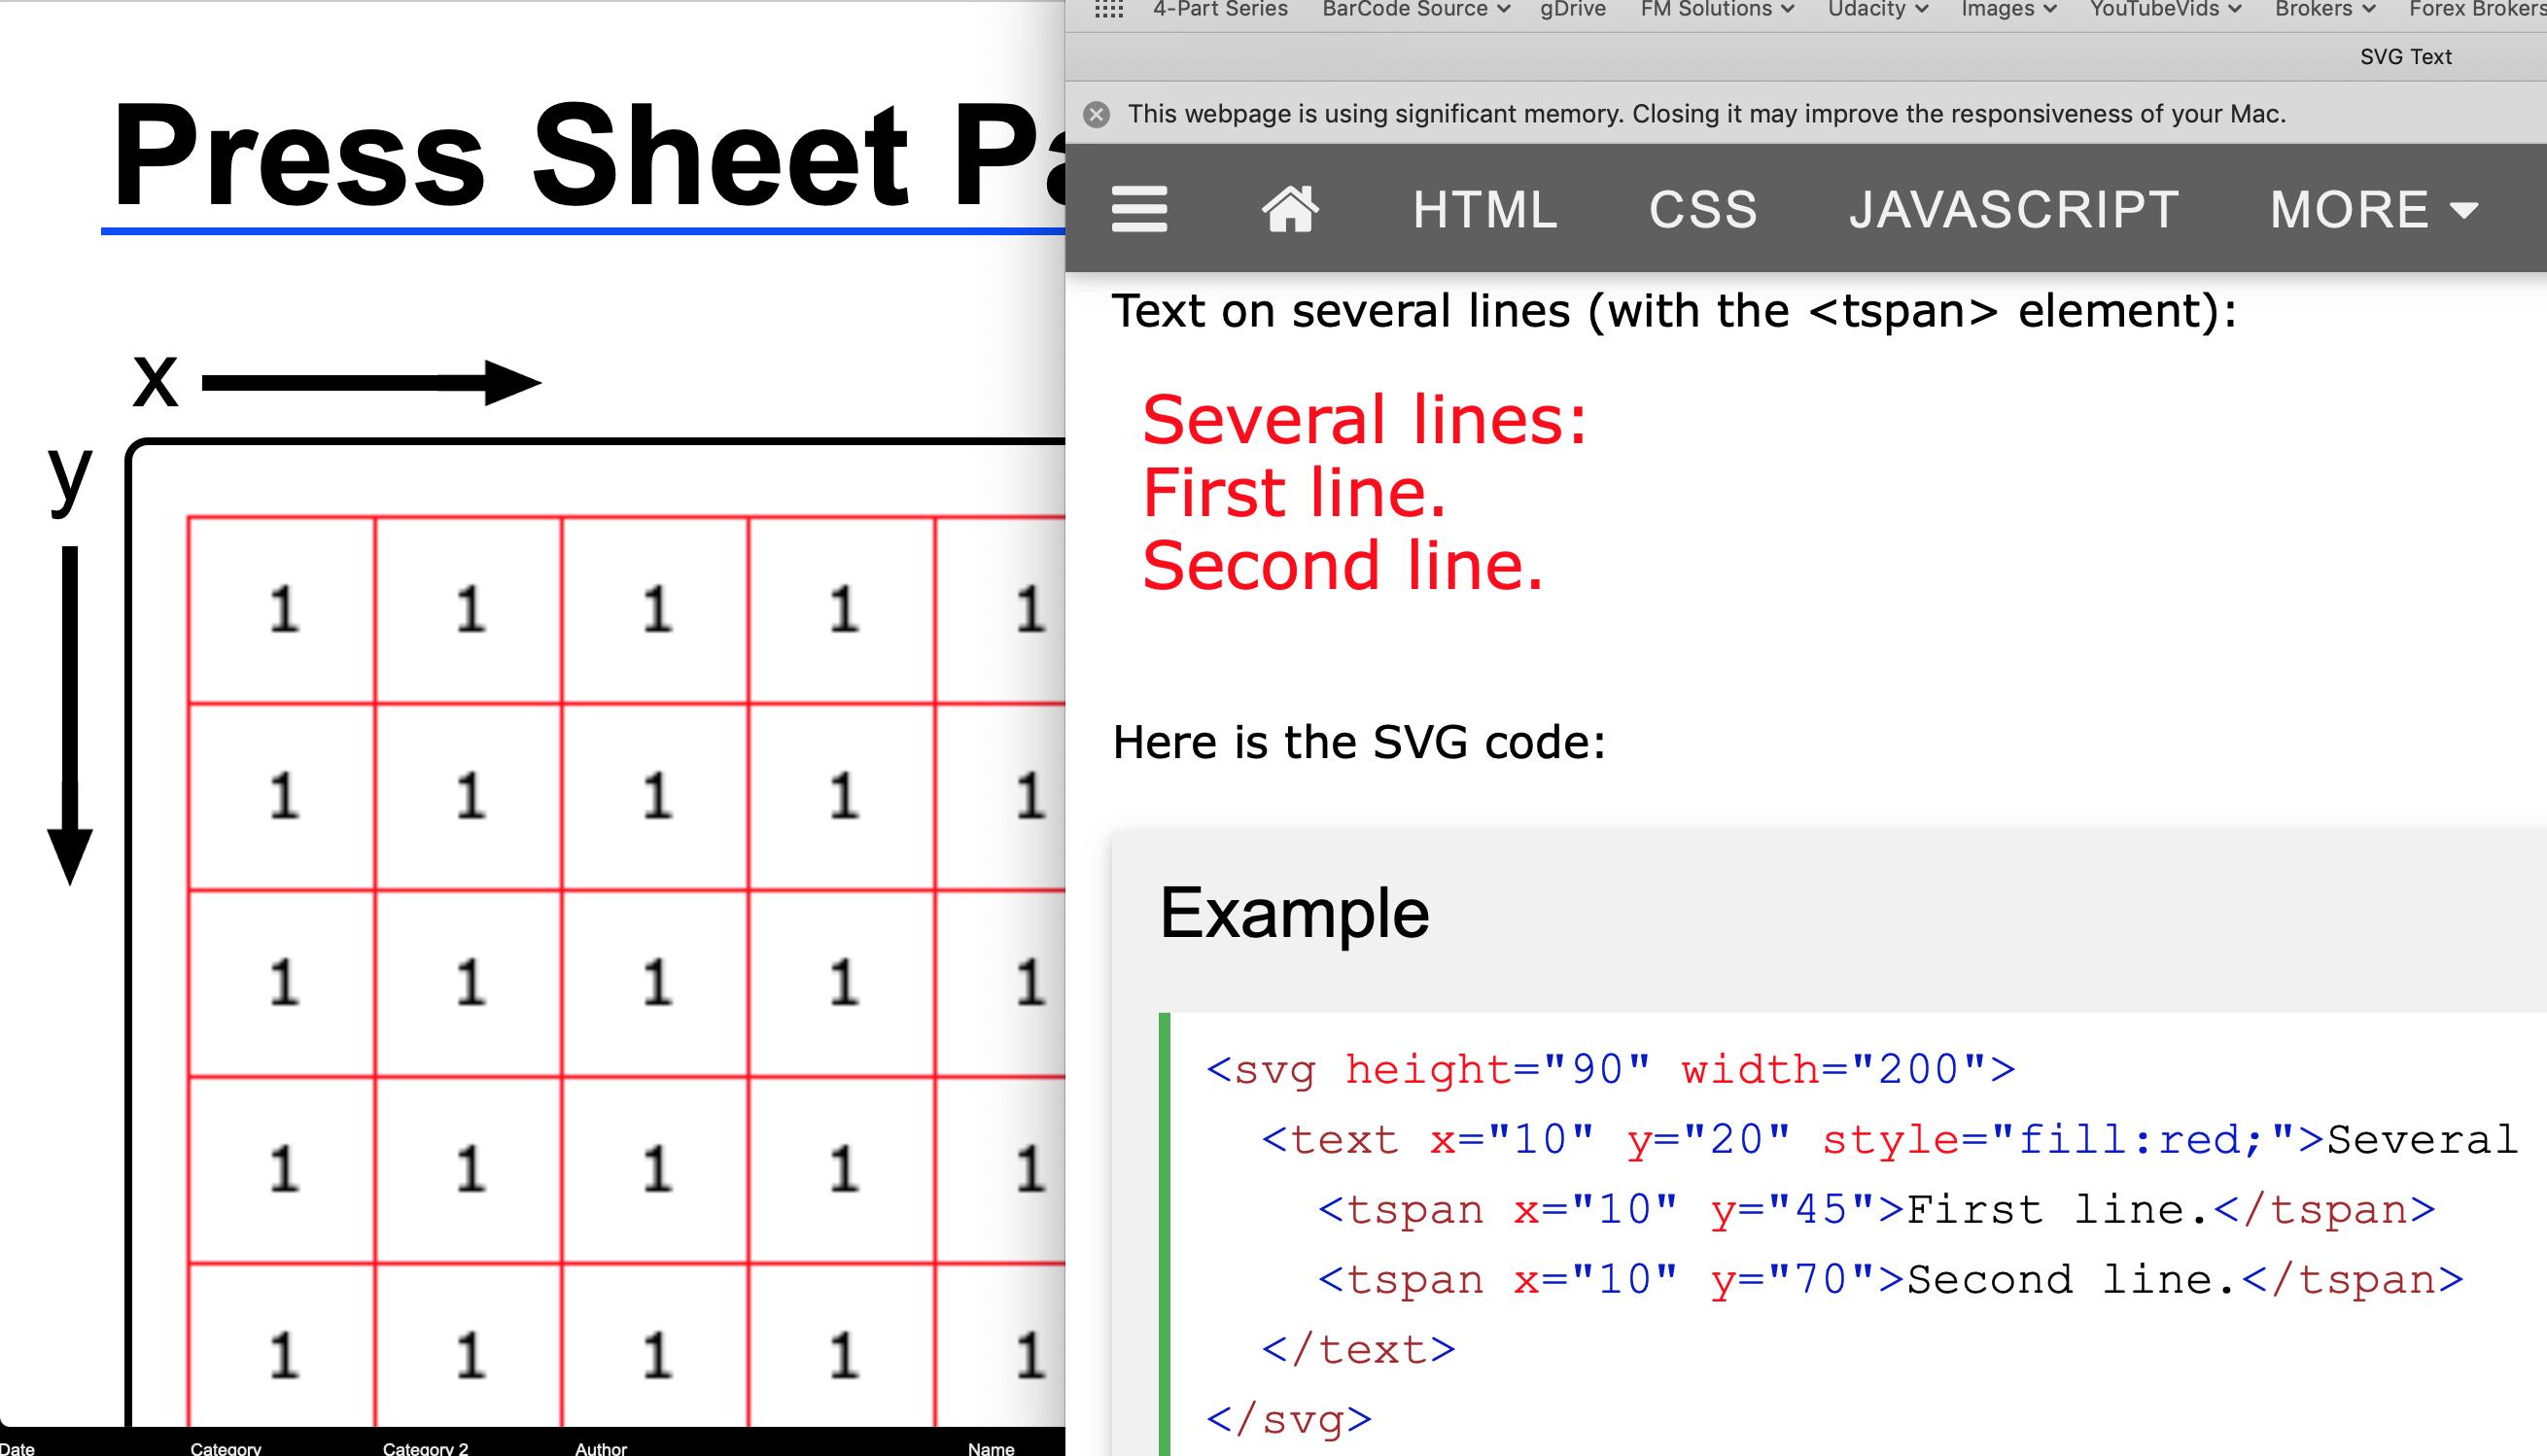 SVG blurry - Web Viewer - FMForums com